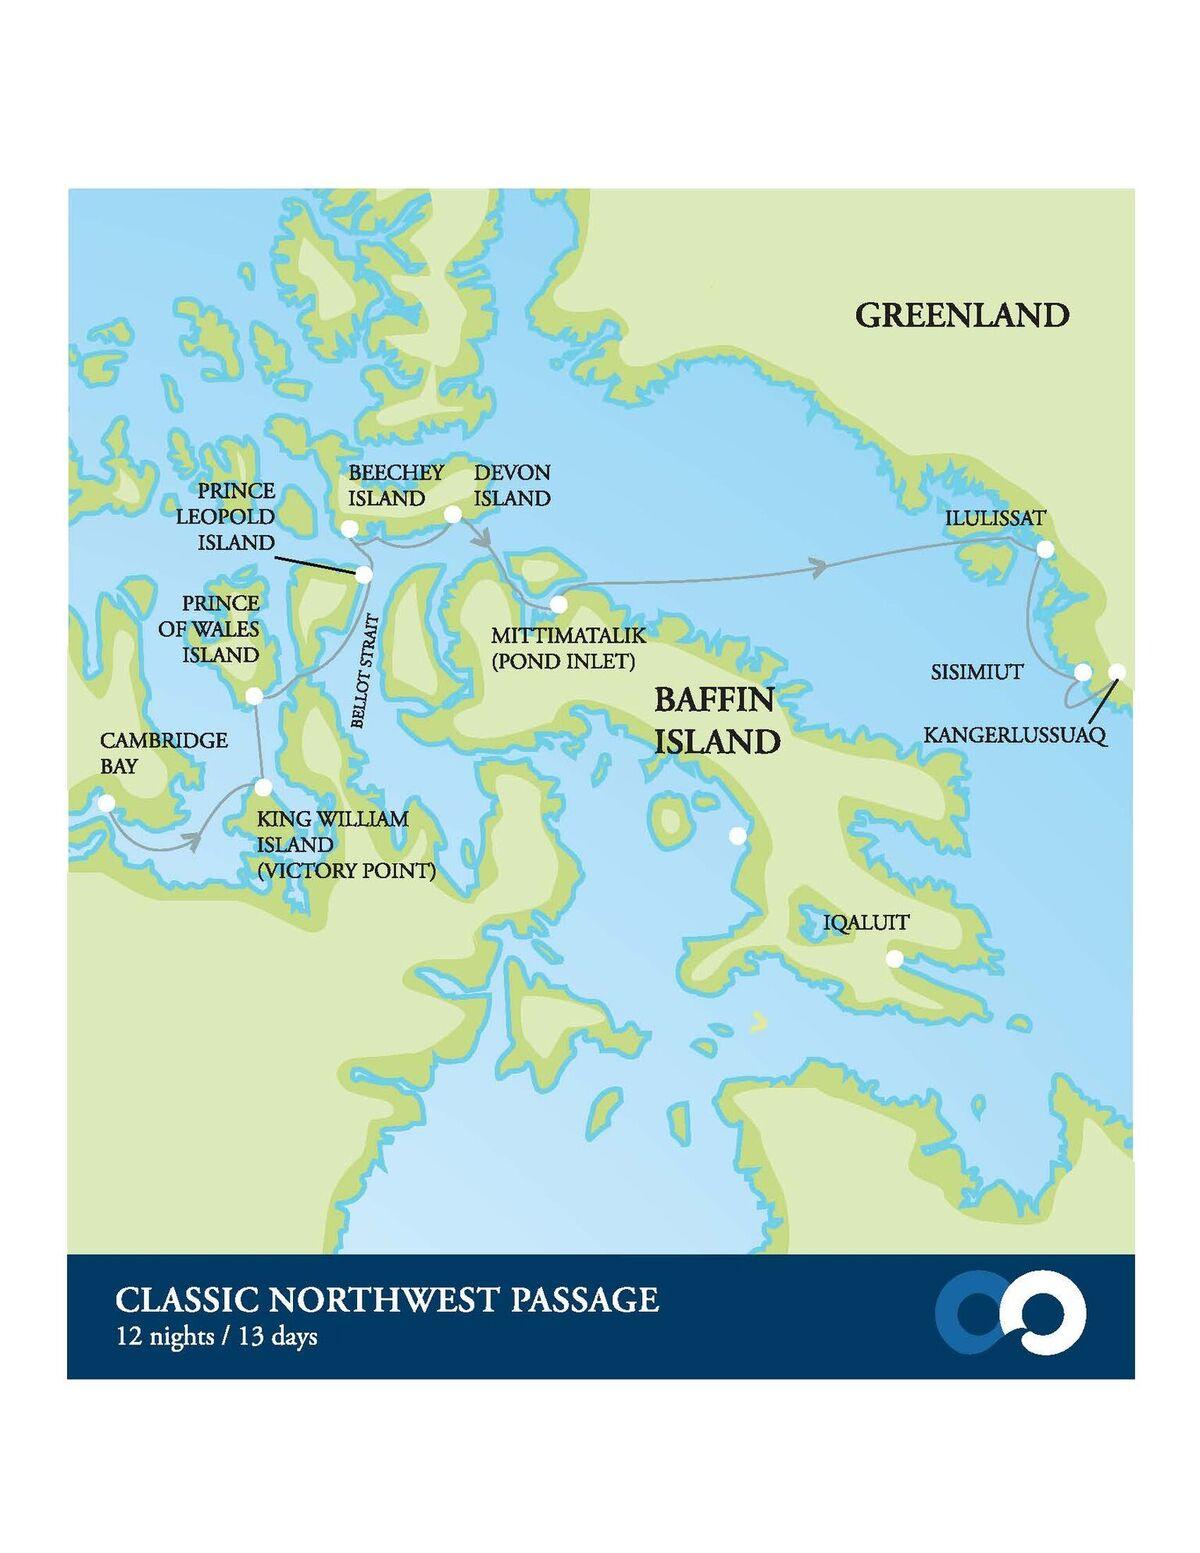 Map for Northwest Passage & Greenland Adventure